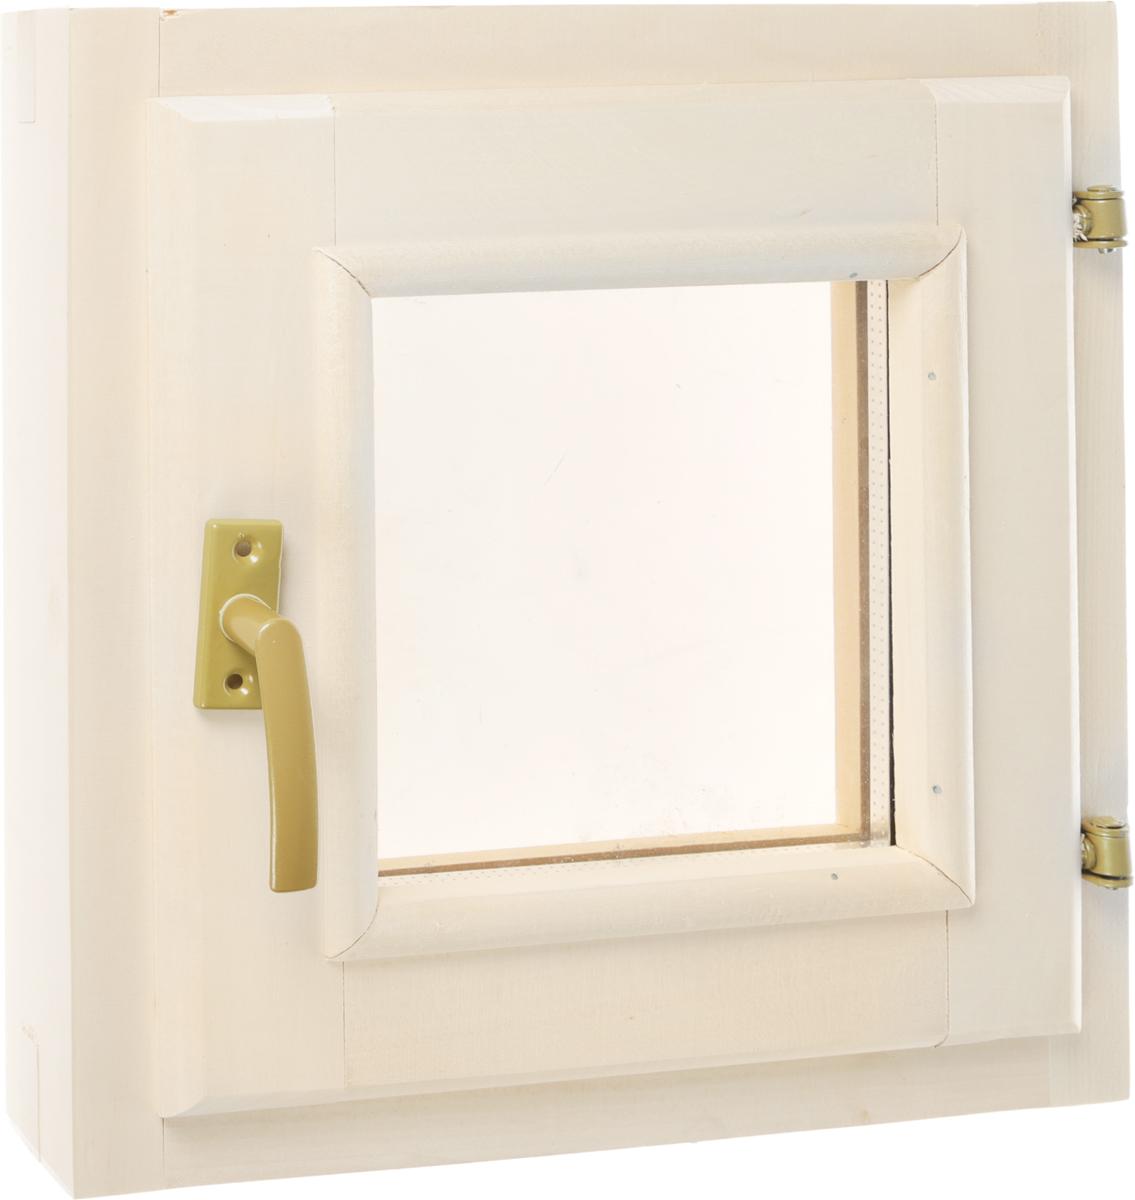 Форточка со стеклопакетом Банные штучки, 40 х 40 смK100Горизонтальная форточка со стеклопакетом Банные штучки изготовлена из липы и имеет вставку из стекла. В комплект входит: - Створка с однокамерным стеклопакетом (2 стекла); - Коробка из липы; - Петли; - Врезной замок; - 4 самореза; - Ручка-затвор. Форточка уже собрана и готова к использованию, вам только достаточно прикрутить ручку и установить стеклопакет в проем. Окна и форточки в парной используют для быстрого выветривания влаги в помещении после банных процедур. Это продлевает срок службы деревянной обшивки, снижается риск образования плесени и грибка внутри помещения. Характеристики:Материал: дерево (липа), металл, стекло. Размер форточки: 40 см х 40 см. Размер упаковки: 41 см х 10 см х 41 см.